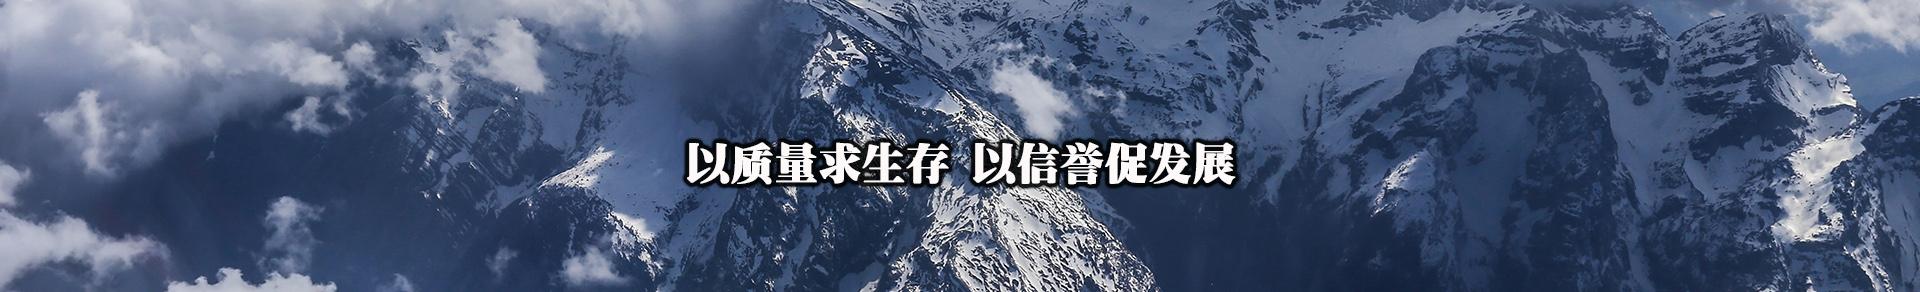 http://www.lyjtzl.cn/data/images/slide/20190823171525_845.jpg